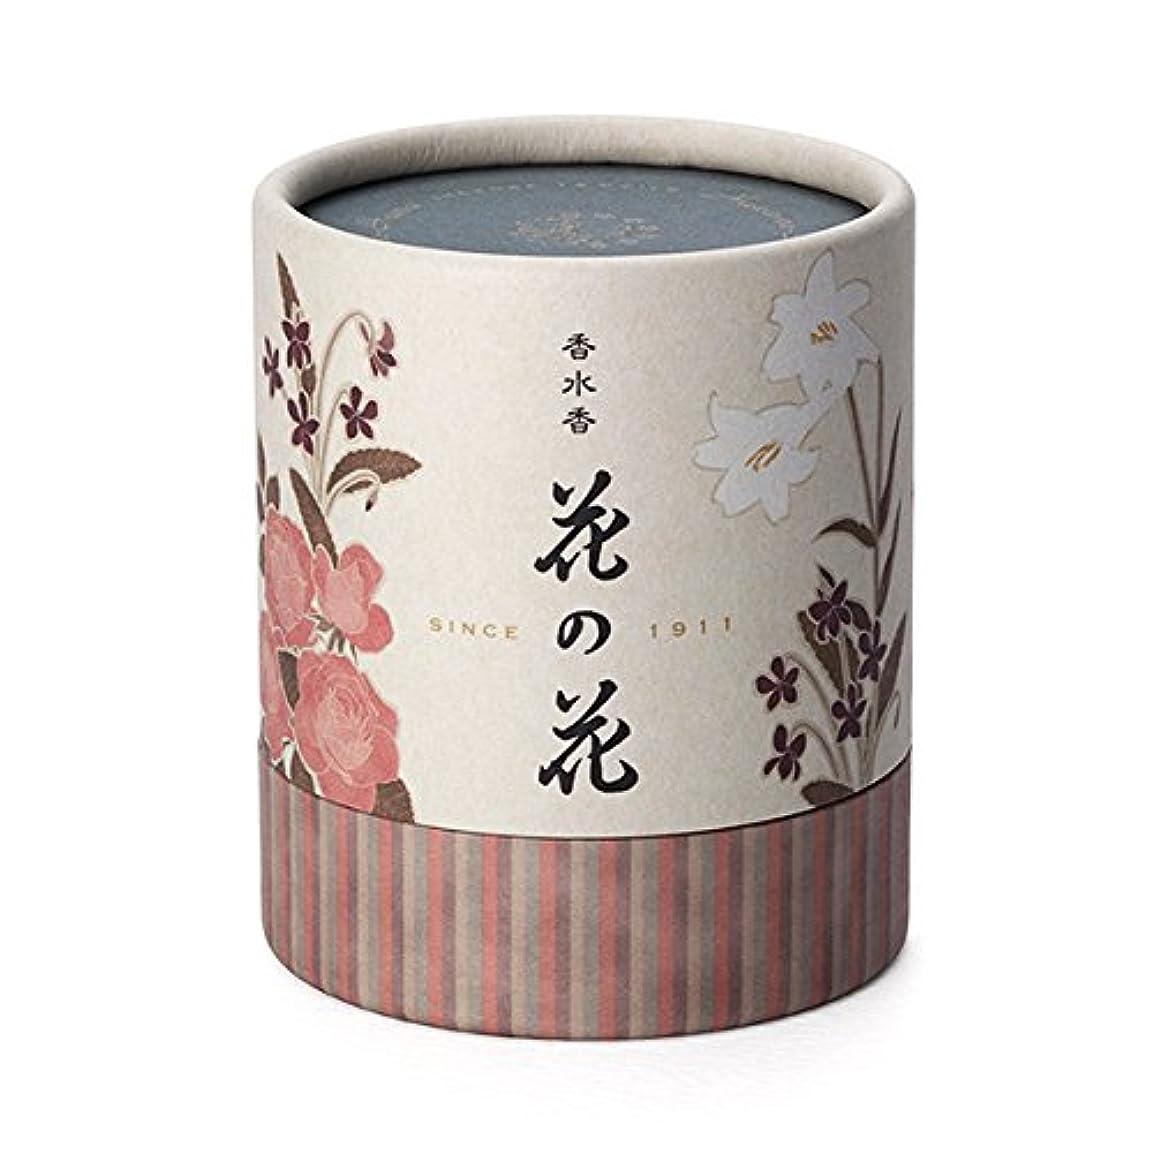 理容師天国コンプライアンス日本香堂 香水香 花の花 3種入 うず巻12巻入 香立付( 30003)